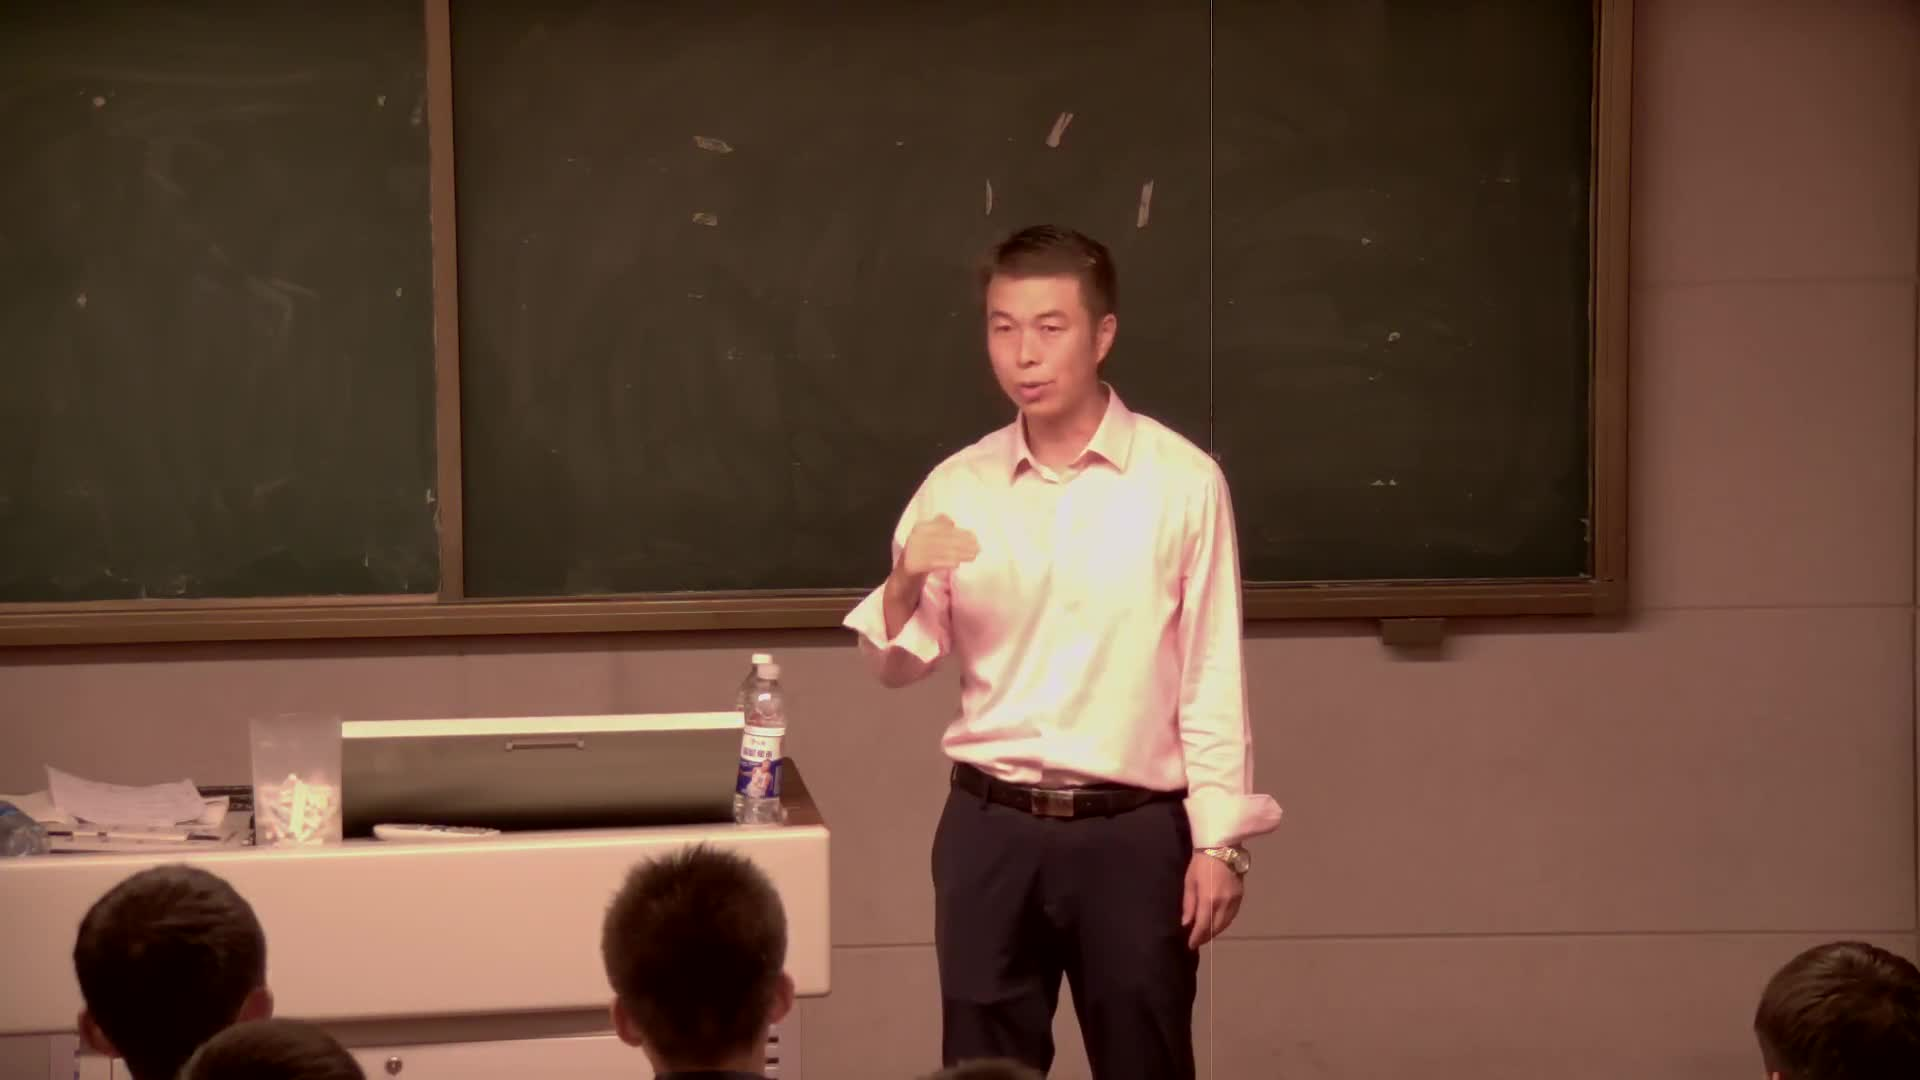 沪科版 物理 高一必修1第五章 研究力和运动的关系 第五节:超重与失重—冯军平